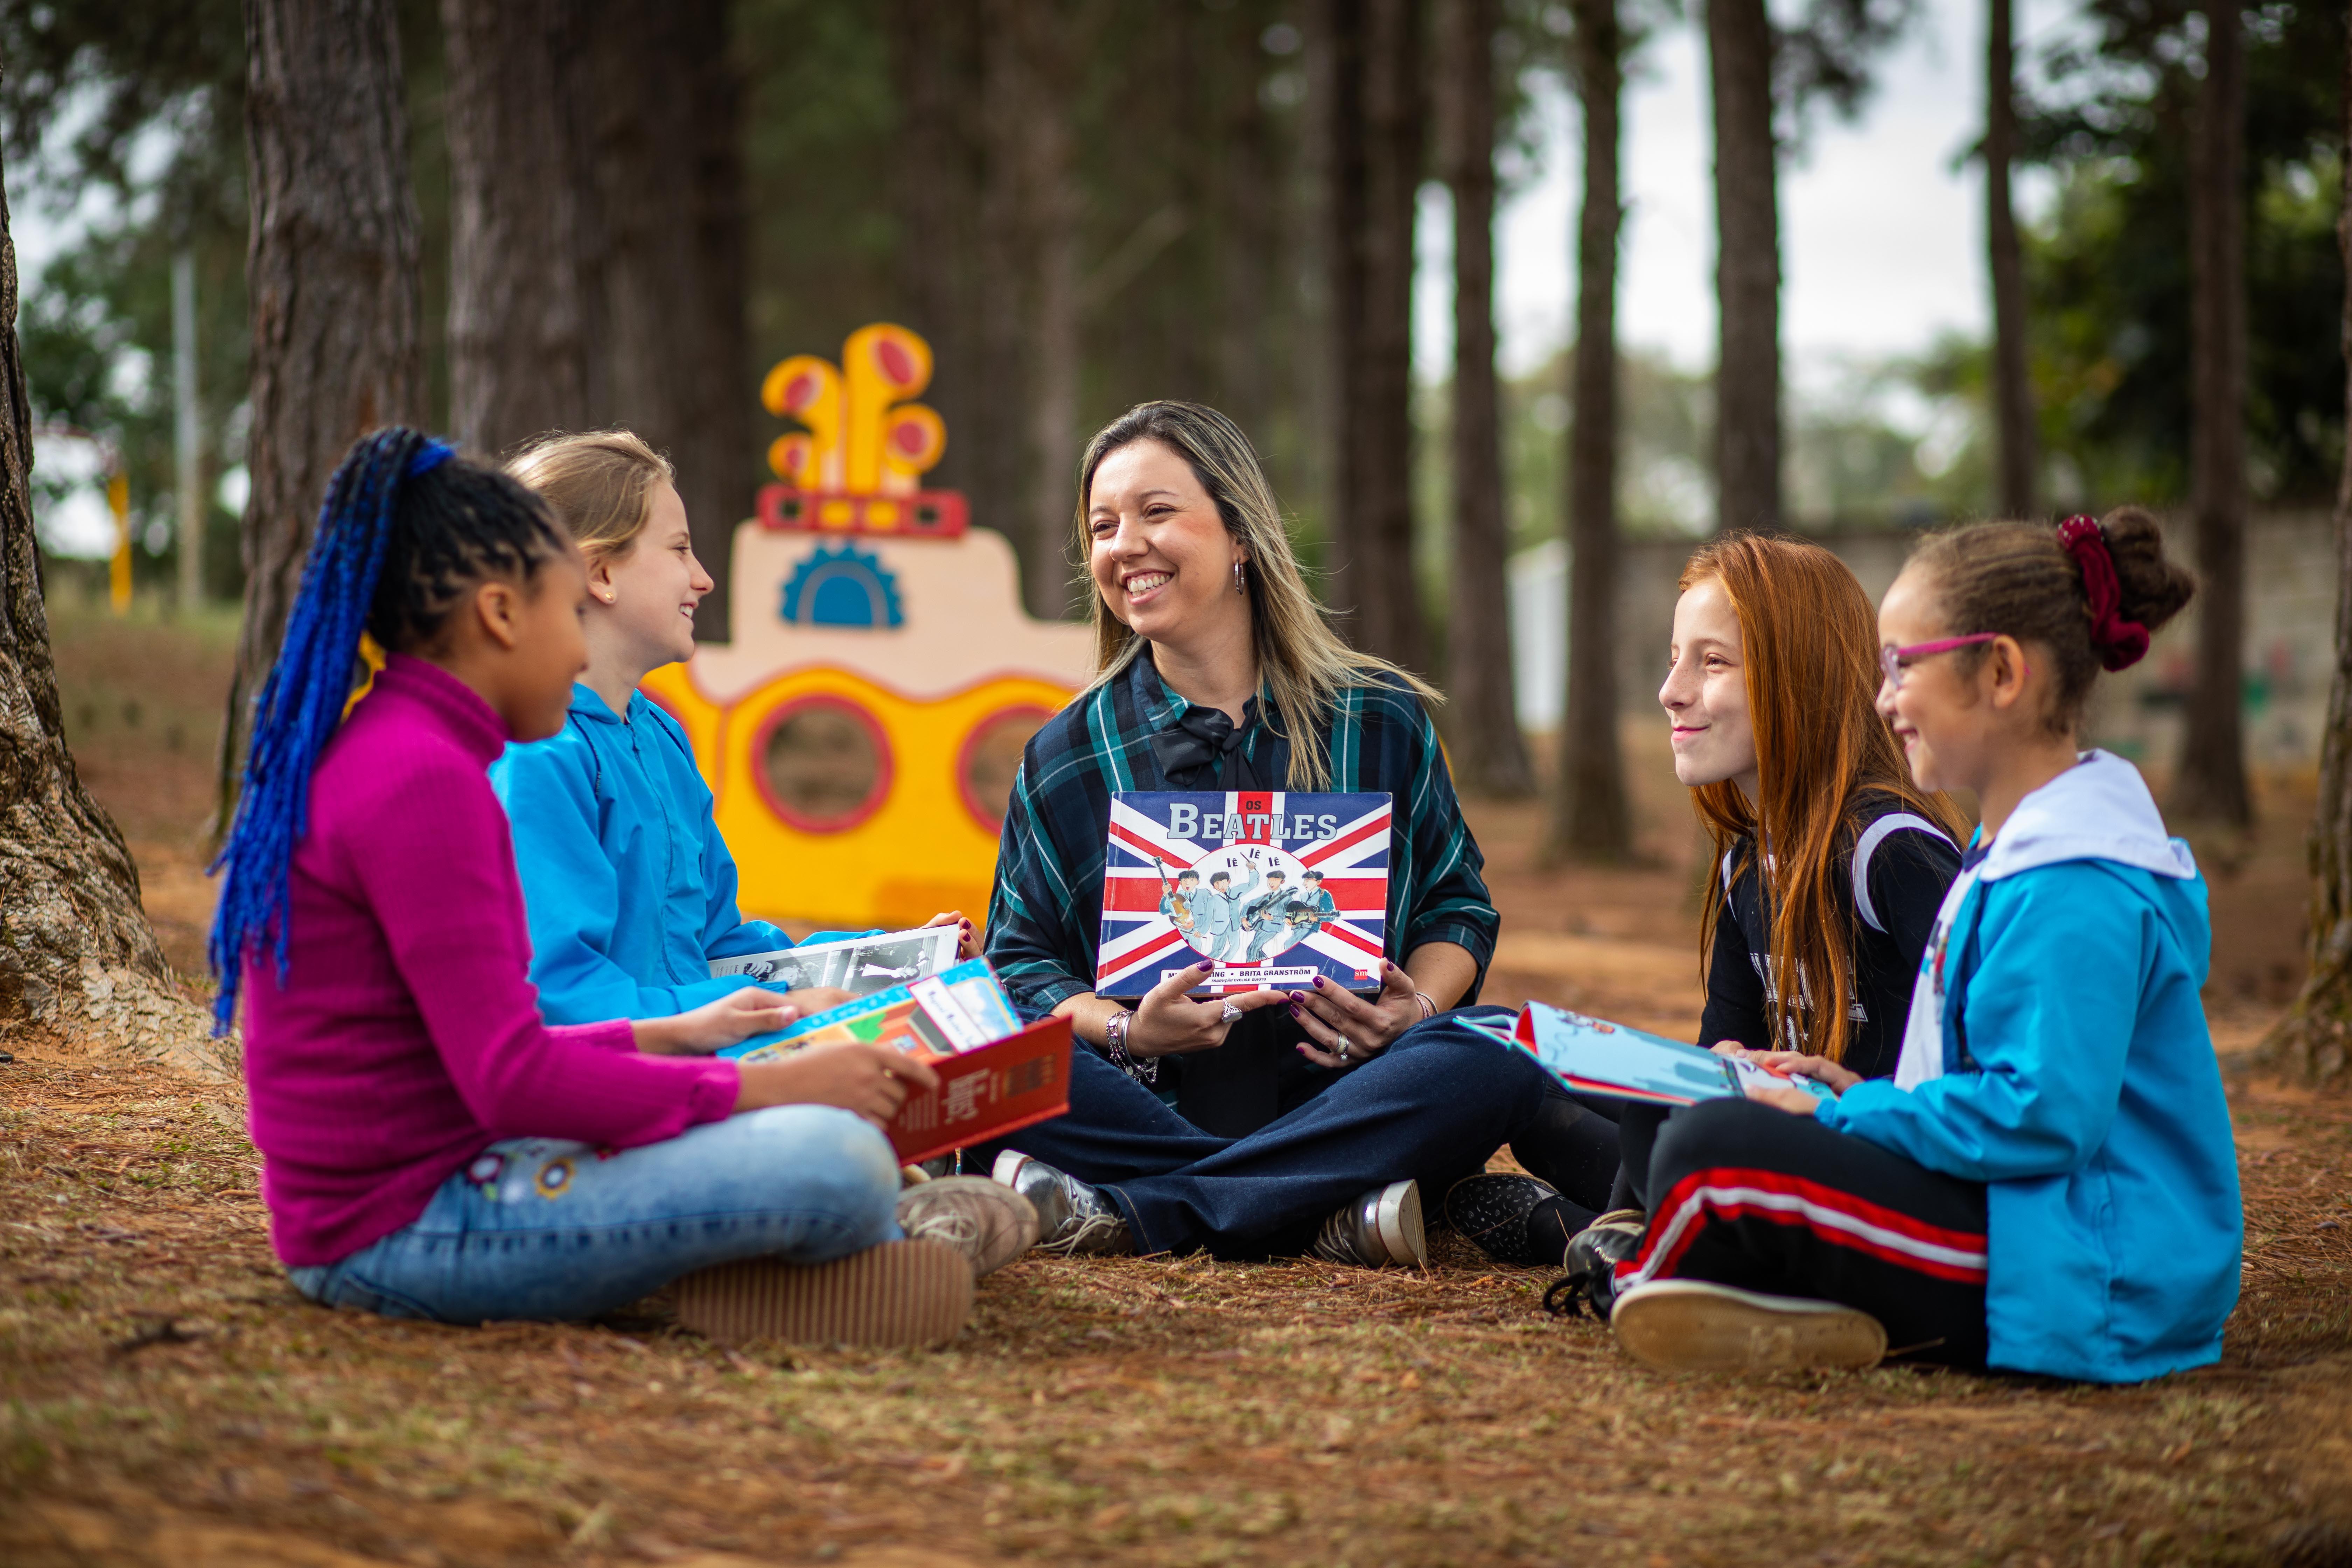 """Em espaço aberto e arborizado, professora Arabelle se senta em roda no chão com mais quatro alunos. Eles sorriem e seguram livros relacionados aos Beatles. Ao fundo, há um submarino amarelo, como o da música """"Yellow Submarine"""". Fim da descrição."""